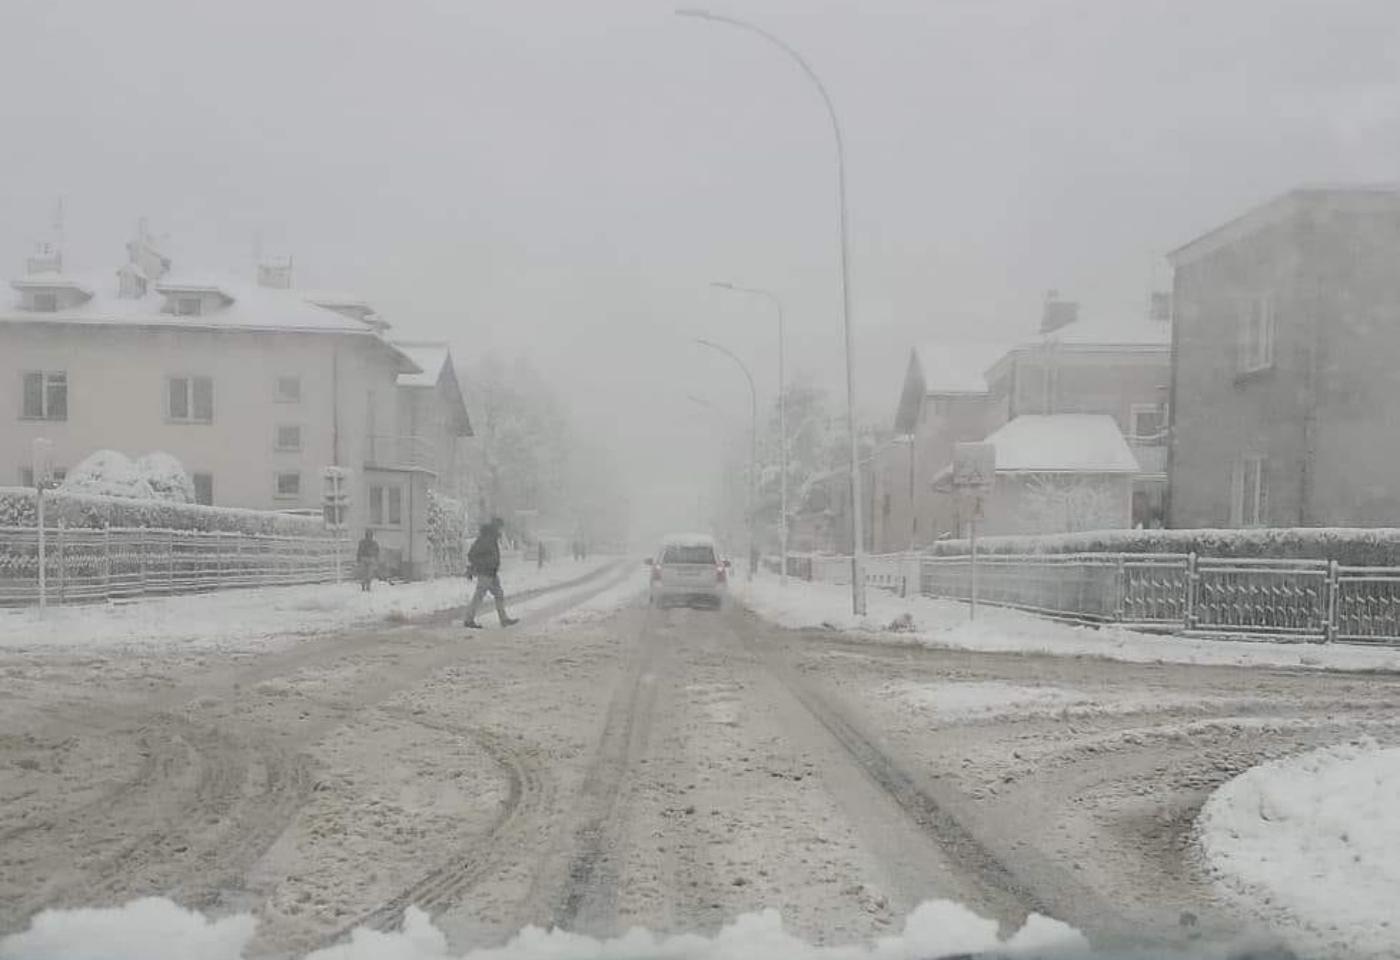 Fatalne warunki na drogach! Bądź ostrożny! [FOTO] - Zdjęcie główne